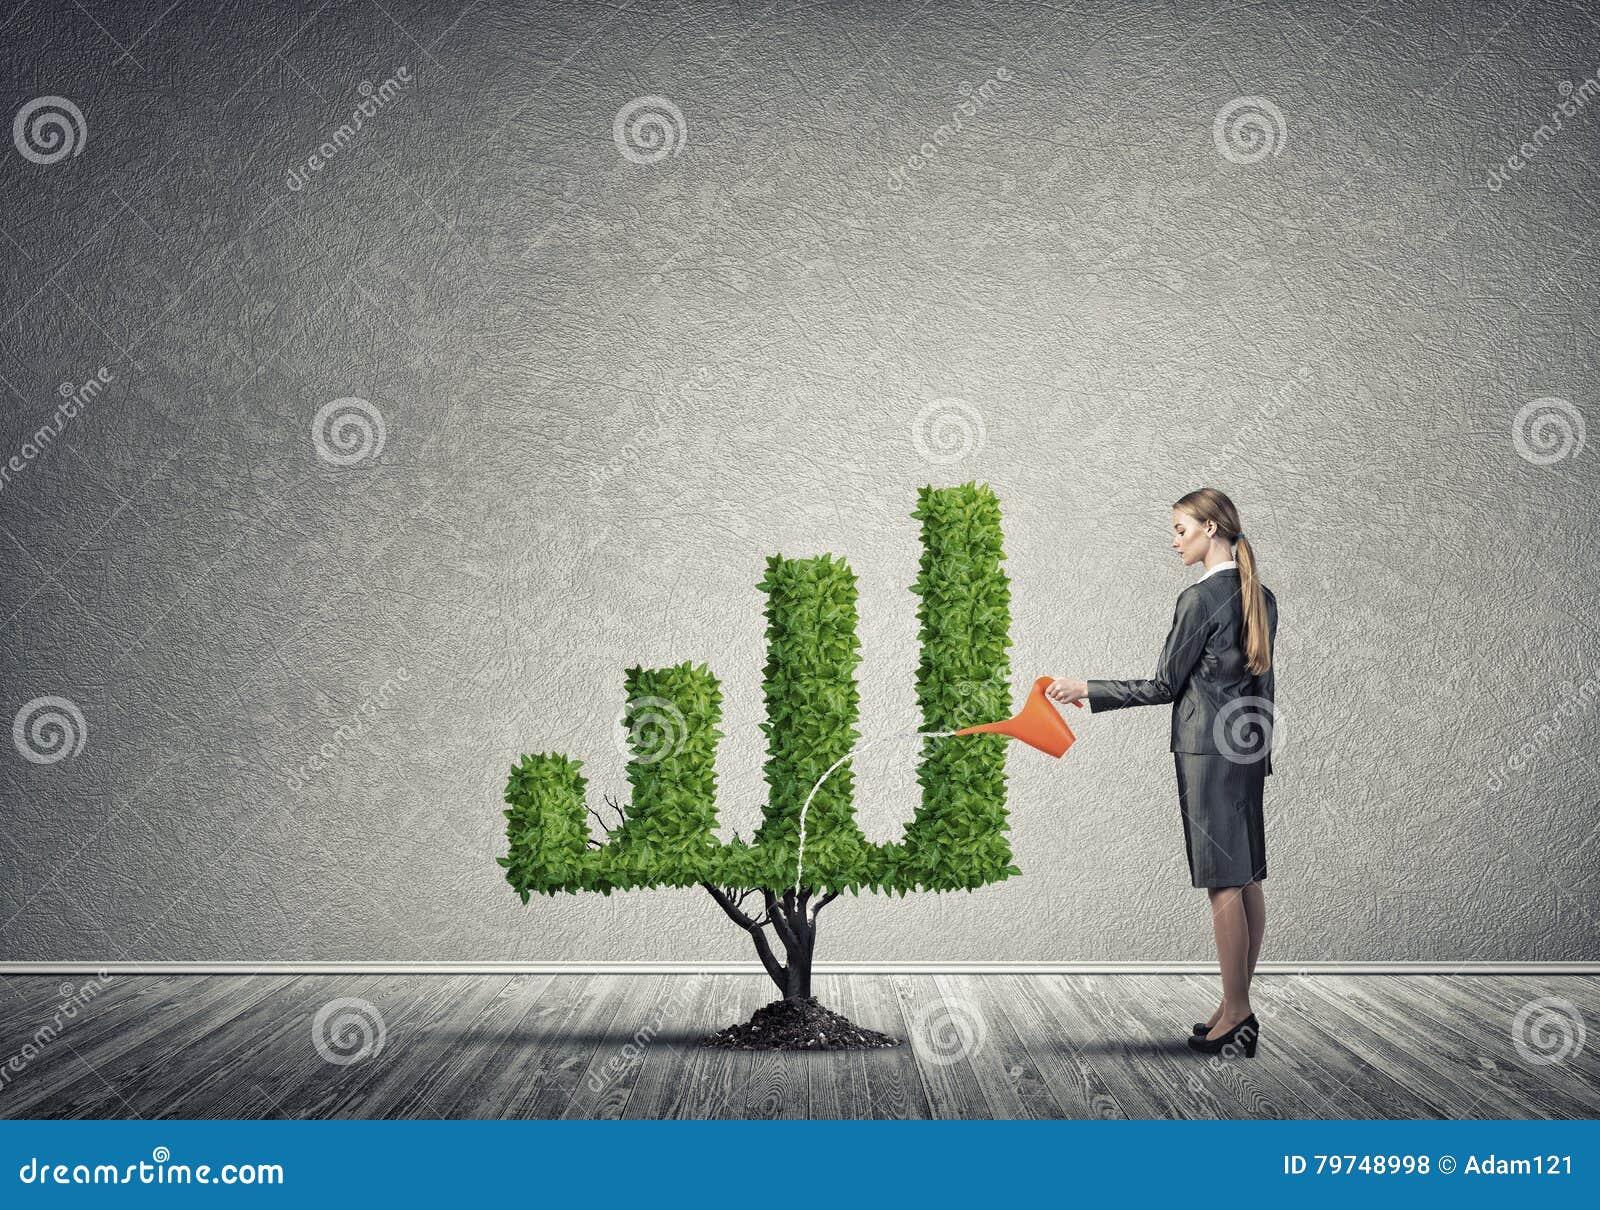 Haga que su dinero crece